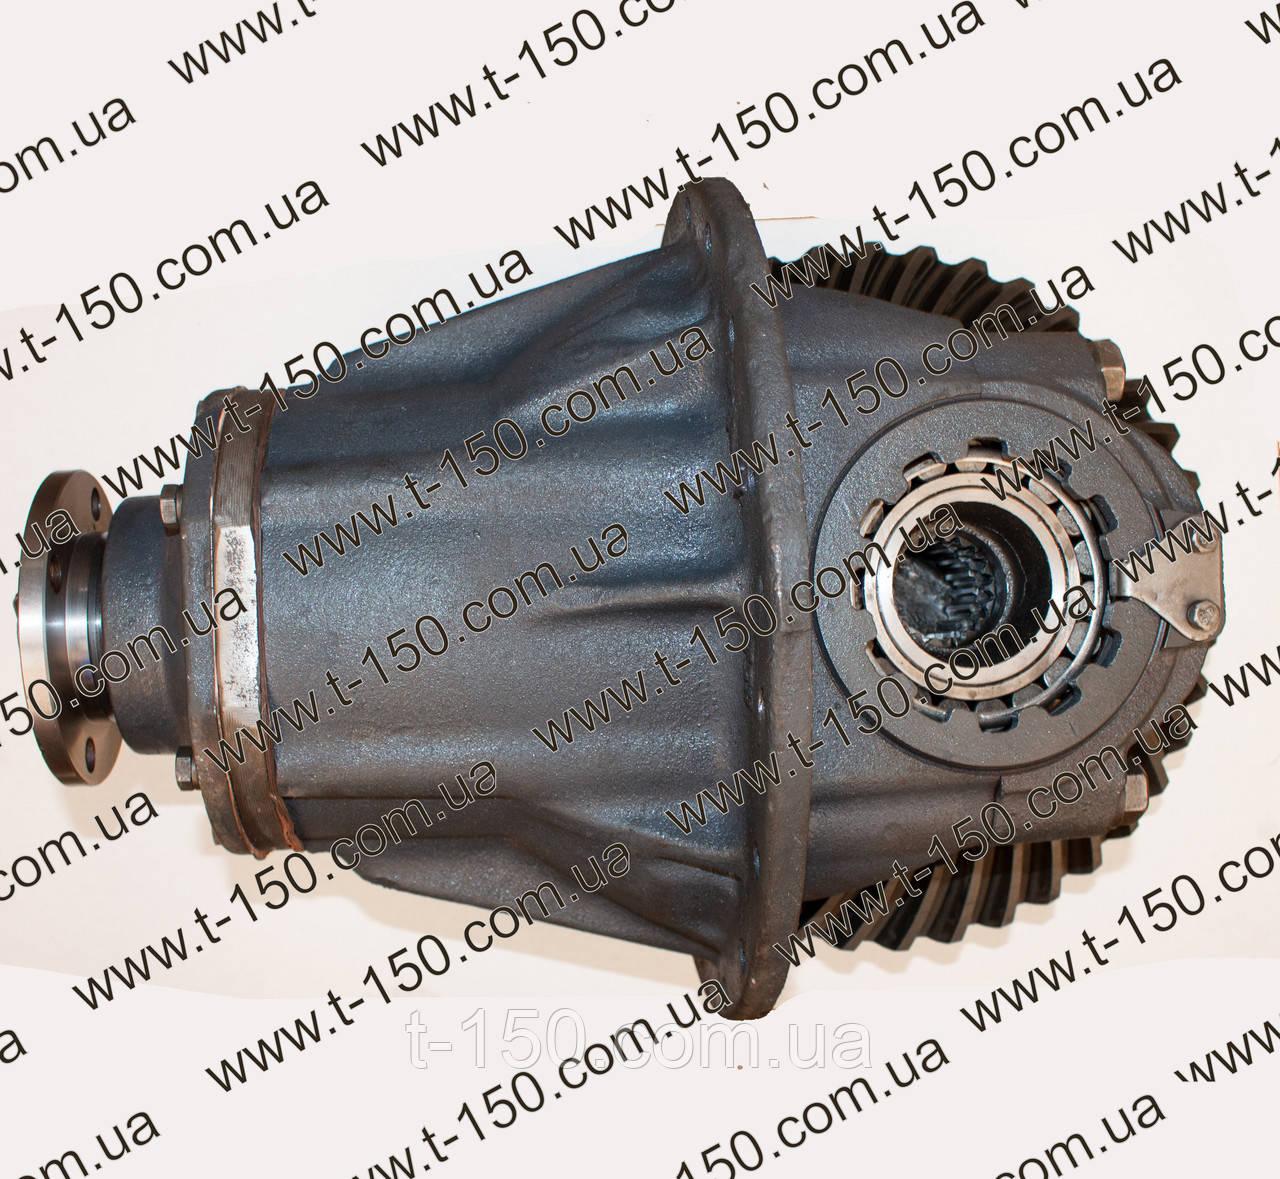 Главная передача (редуктор колесный) Т-150К (151.72.011-5А) ремонтный